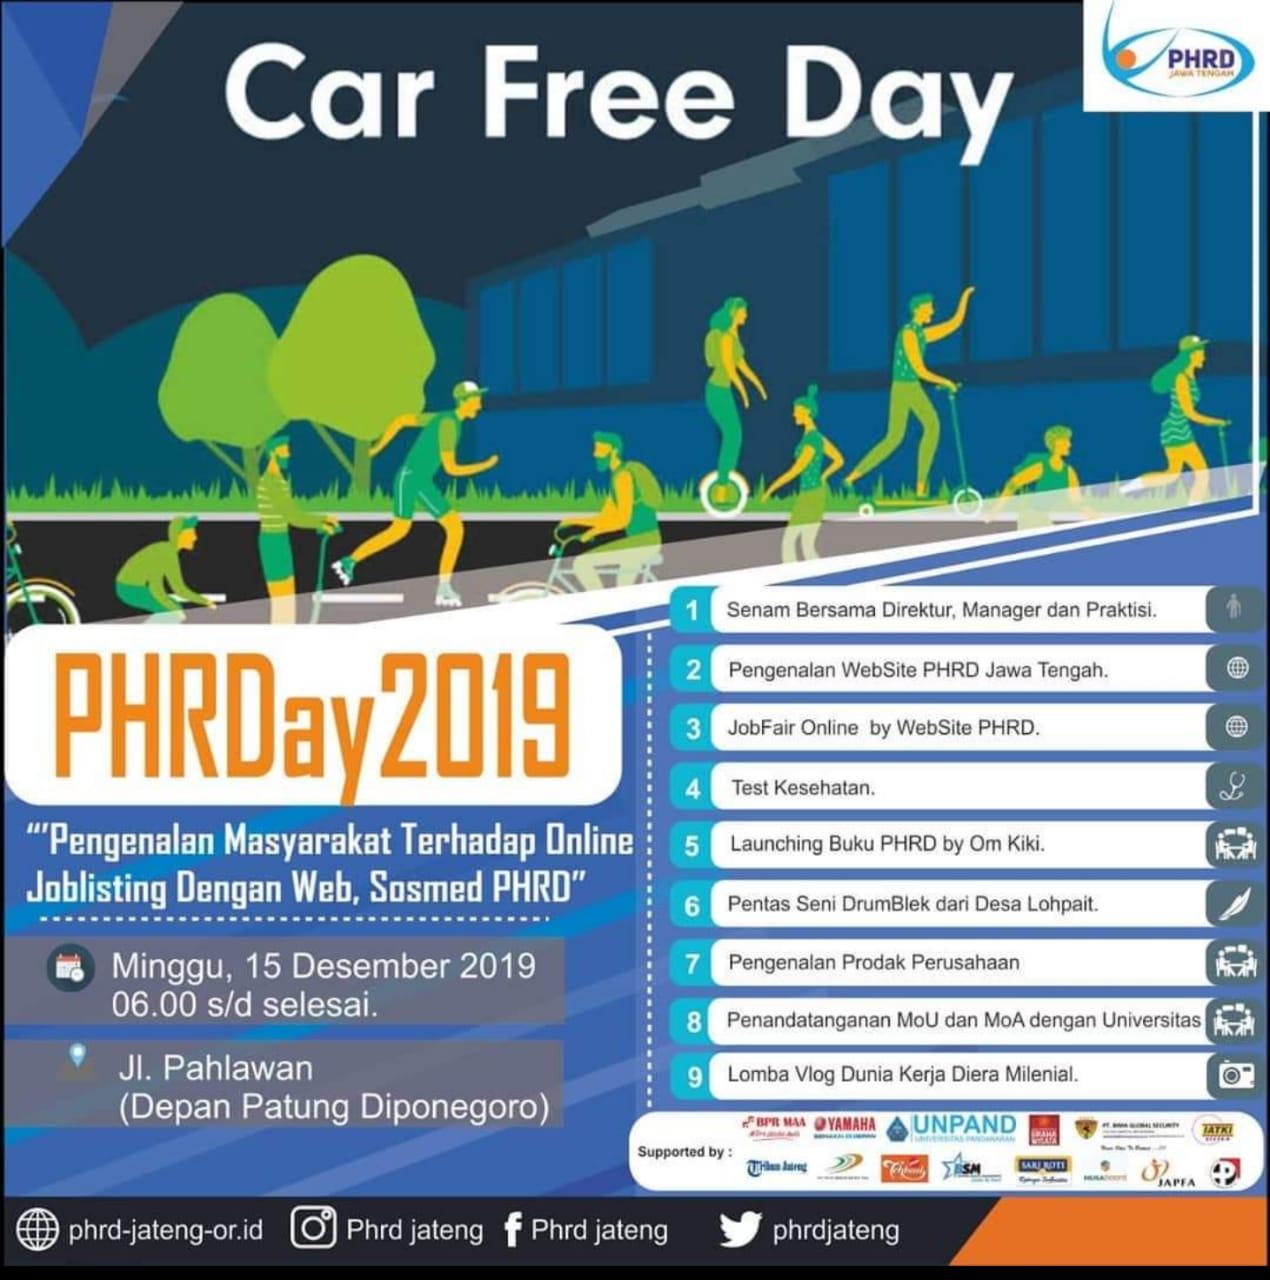 EVENTS SEMARANG : PHRDAY 2019 CAR FREE DAY